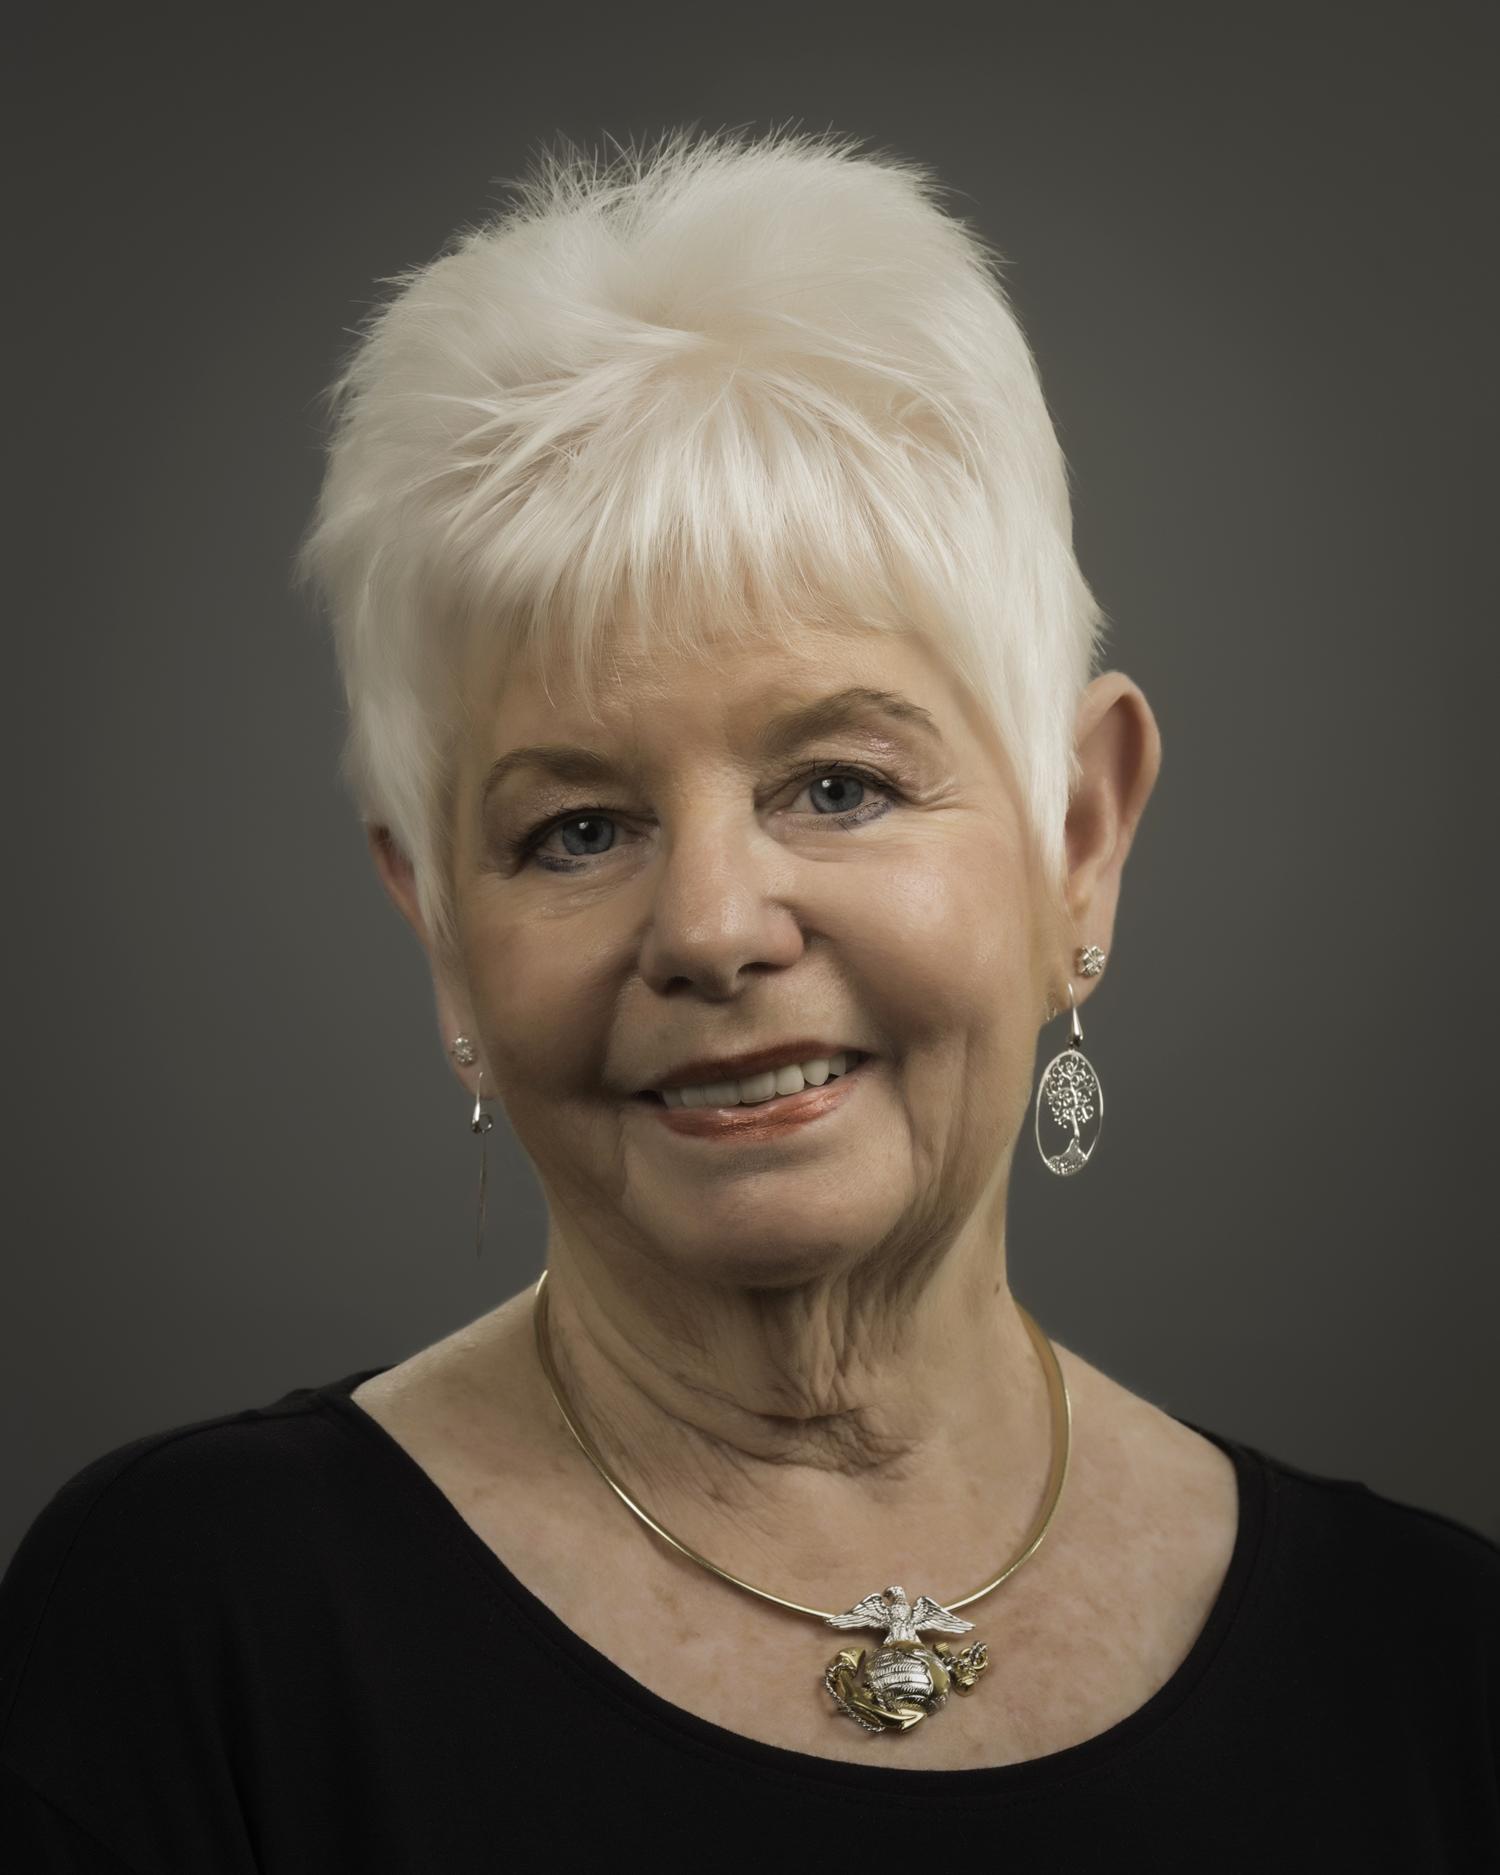 Suzanne Nann